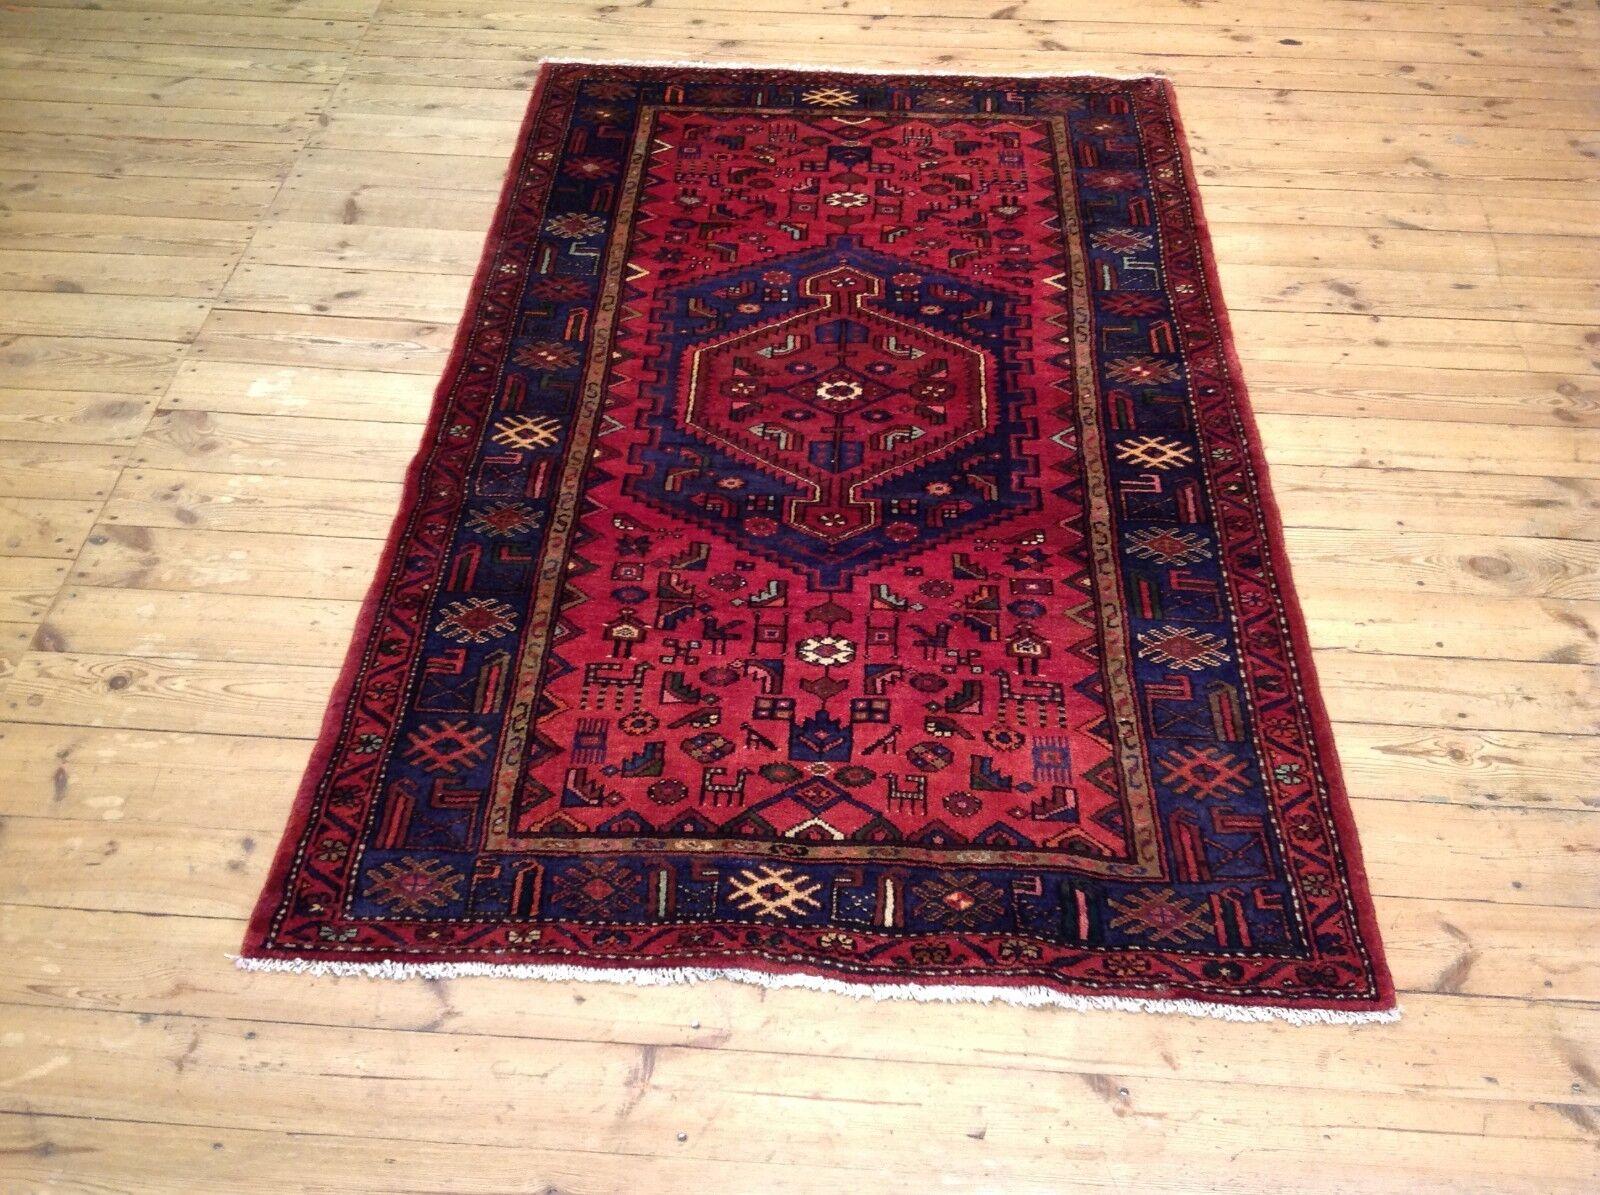 Meraviglioso tappeto orientale HAMEDAN (225 x 138 cm) Tapis persan Top Nuovo